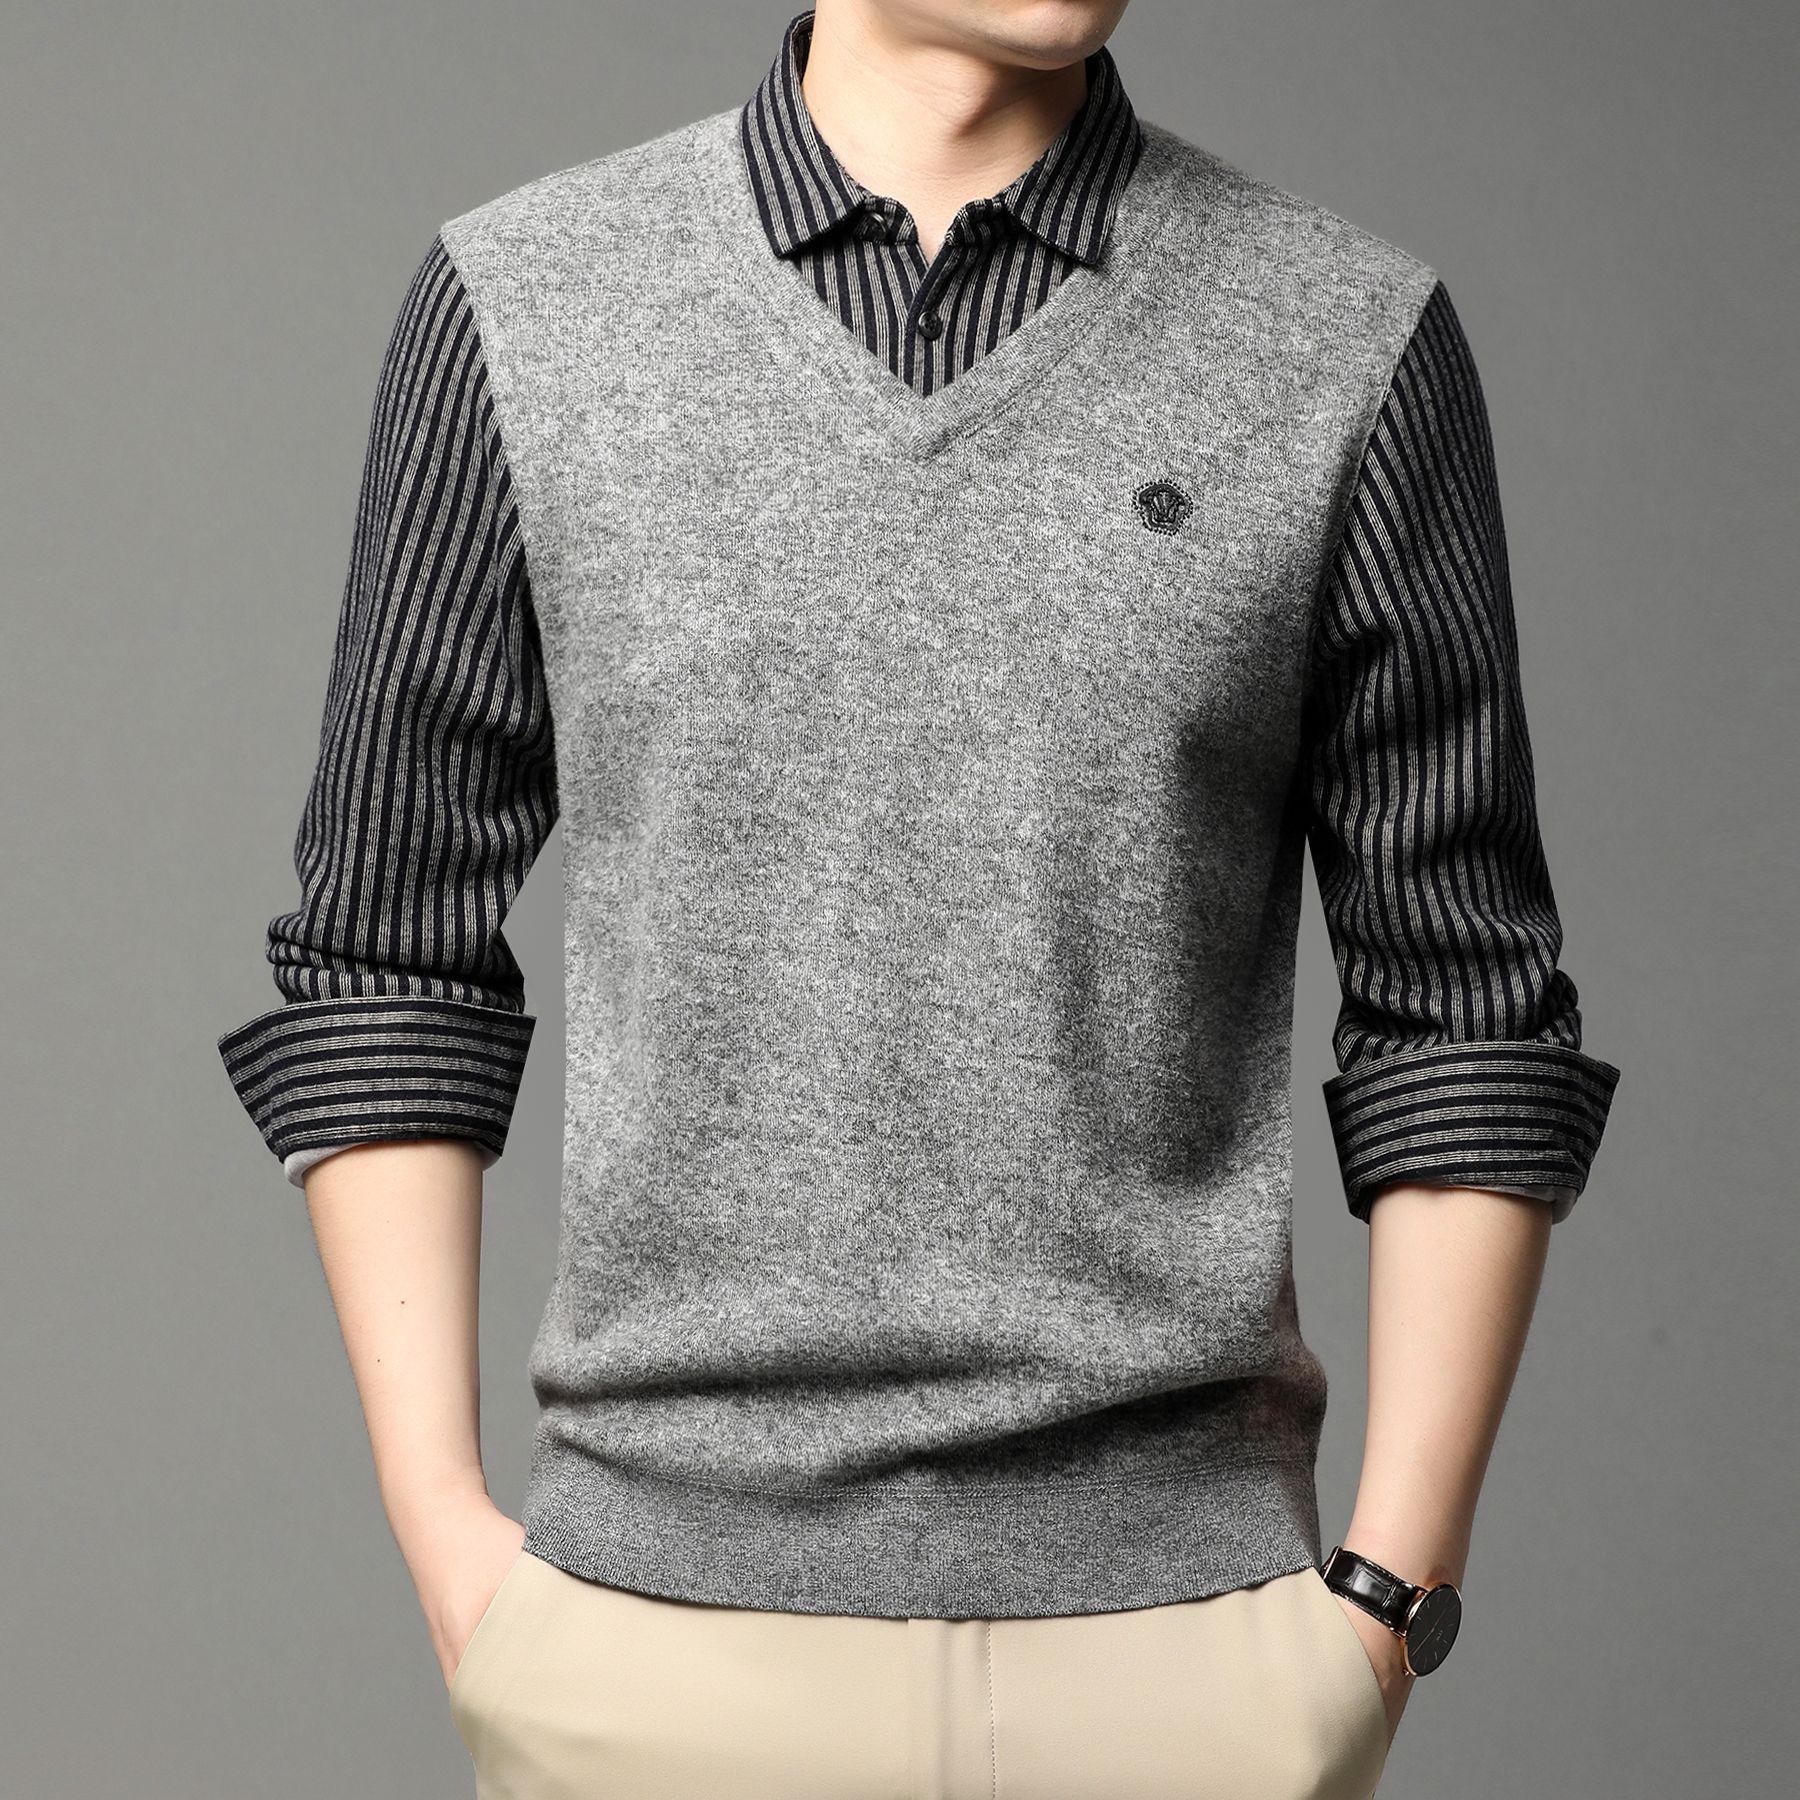 男士毛背心针织衫长袖假两件加绒秋冬季翻领条纹衬衫加毛衣两件套